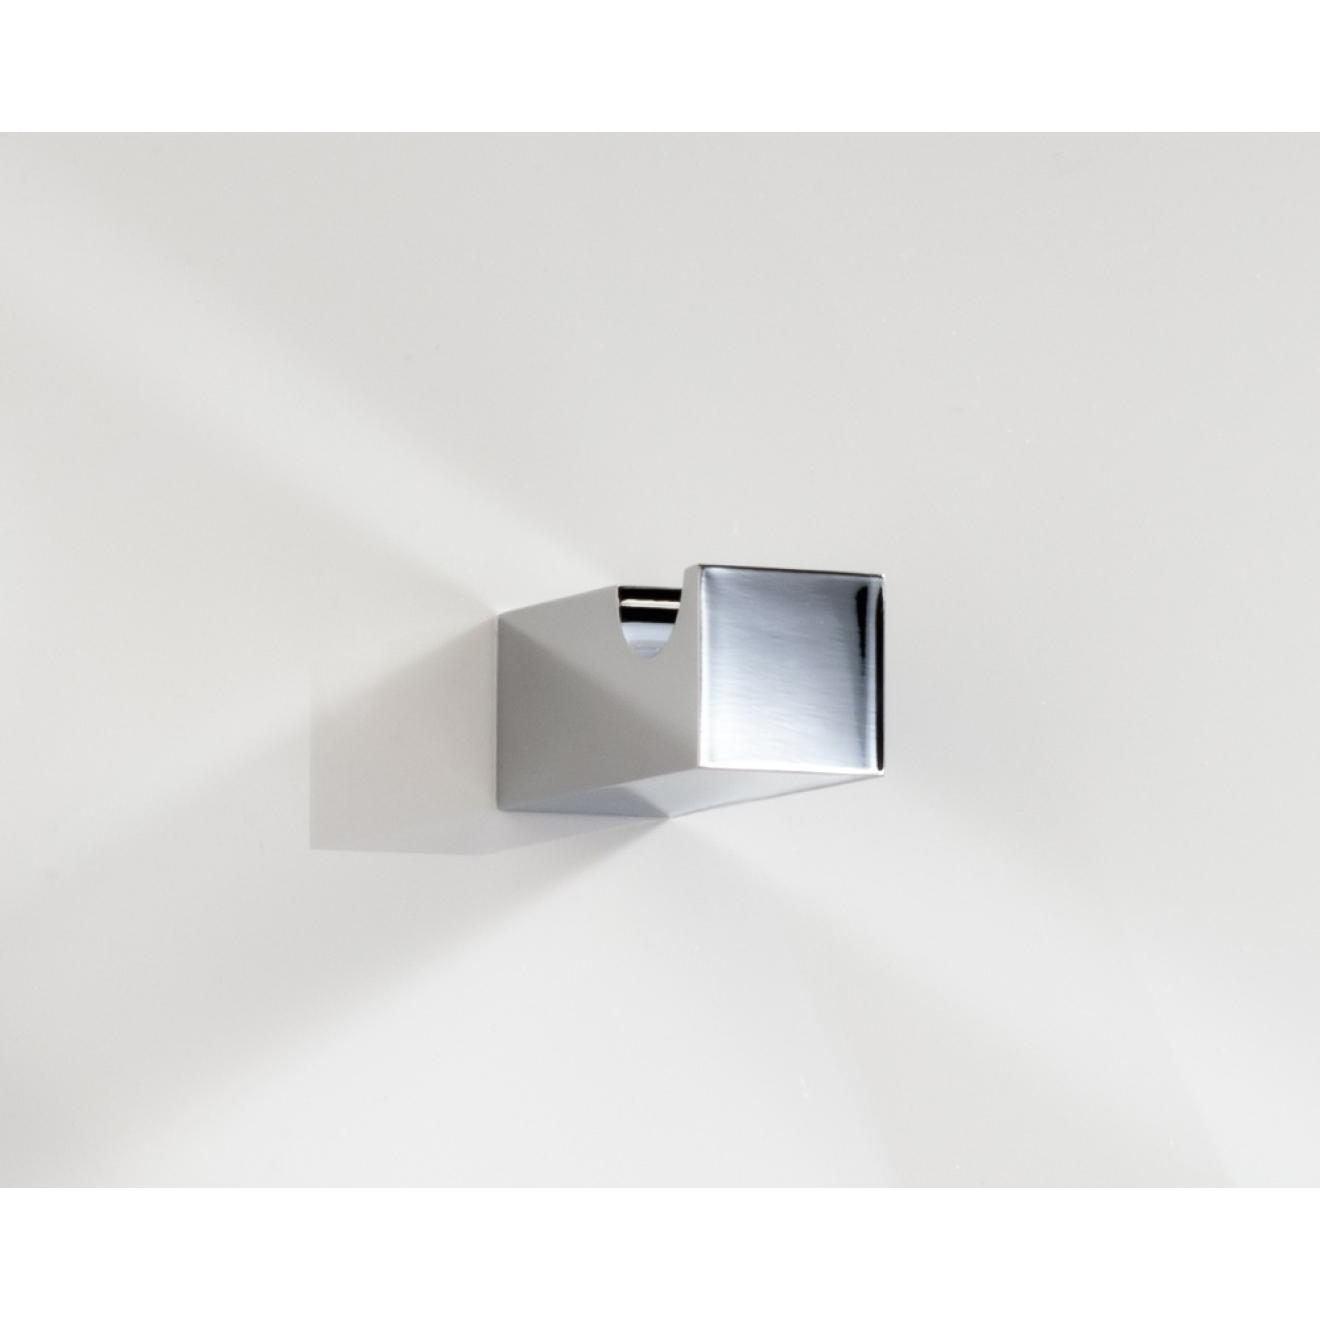 decor walther bad serie corner gro er haken. Black Bedroom Furniture Sets. Home Design Ideas